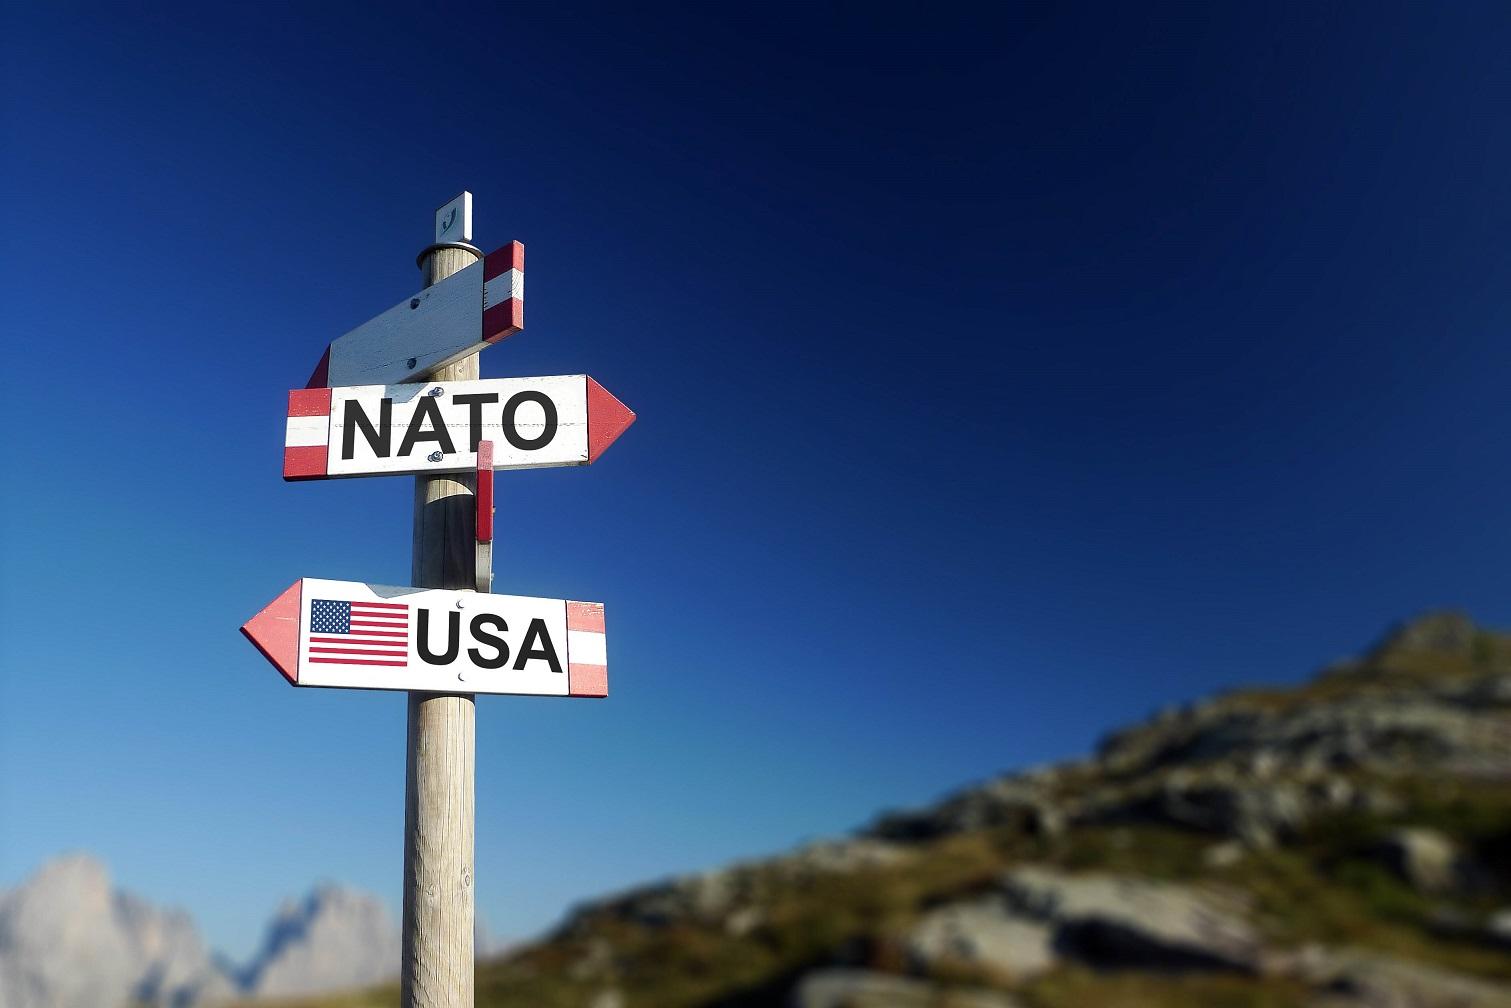 Komentář: Konec evropské idylky v NATO. Budeme si muset připlatit